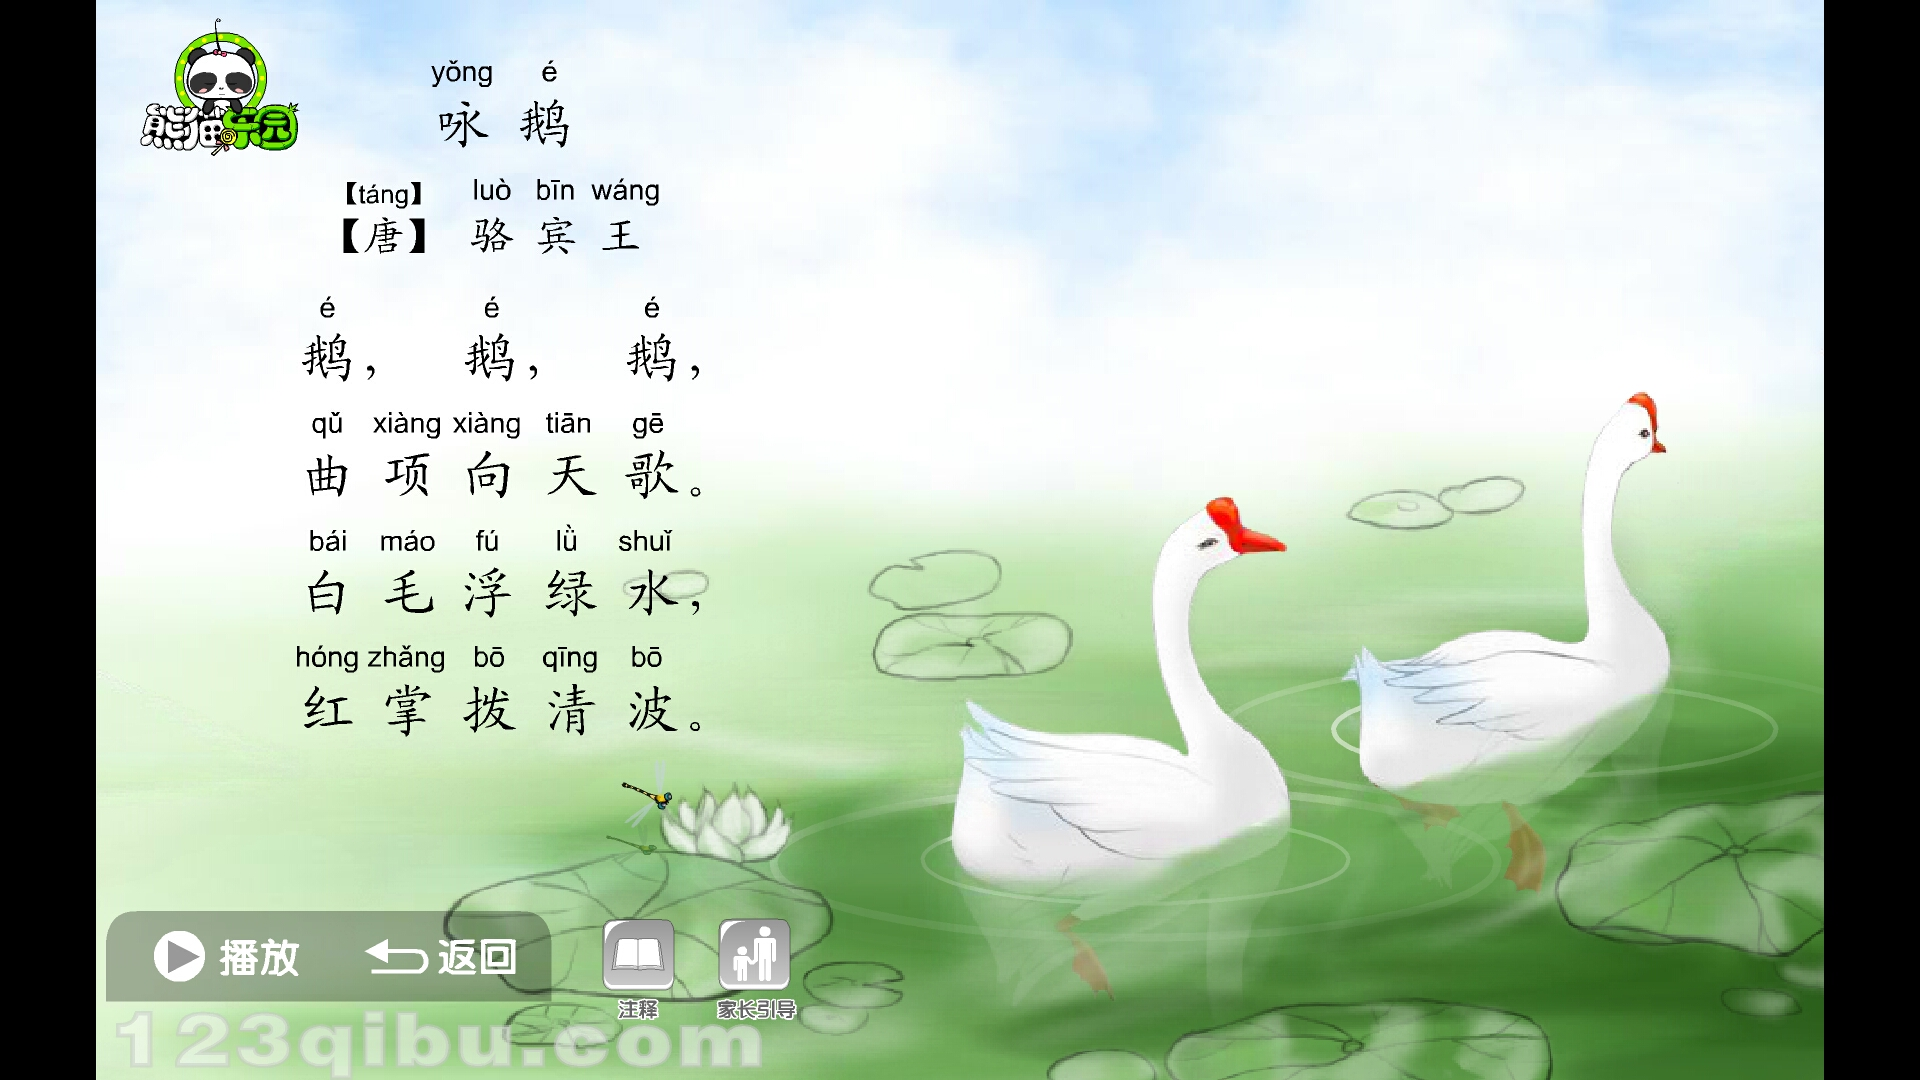 熊猫乐园诗词截图